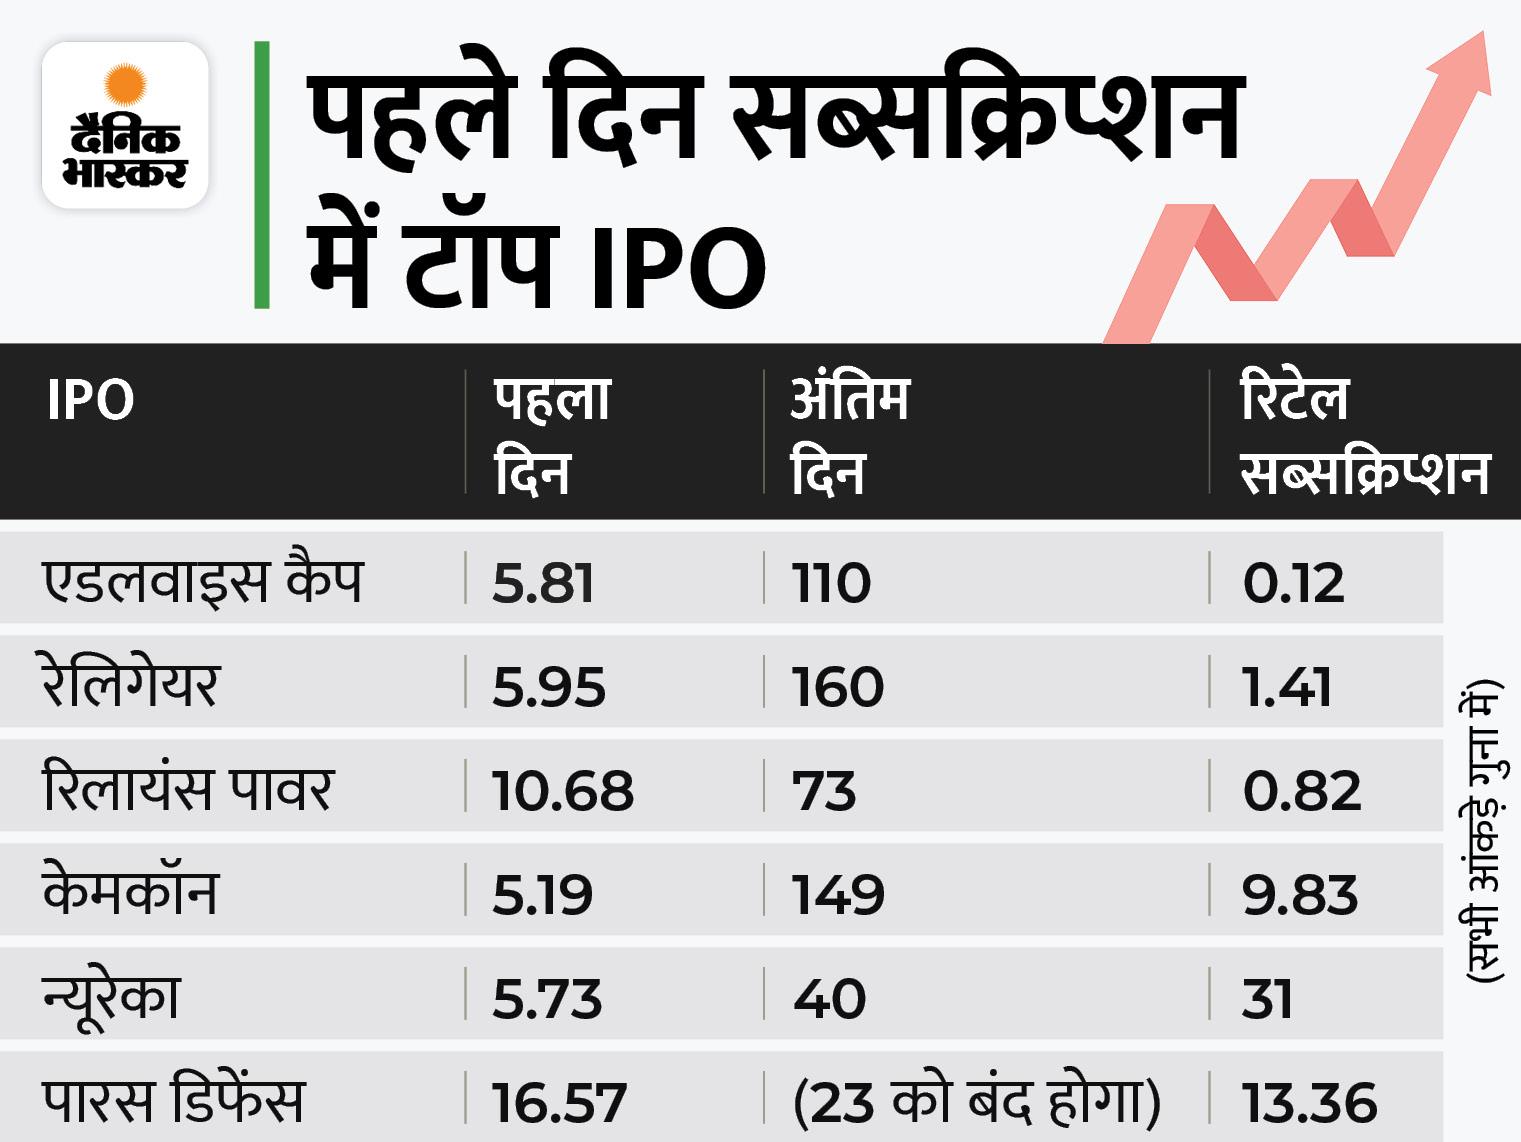 पहले दिन सब्सक्रिप्शन का तोड़ा रिकॉर्ड, 16.57 गुना भरा IPO, रिलायंस पावर 2008 में 10 गुना भरा था|बिजनेस,Business - Dainik Bhaskar